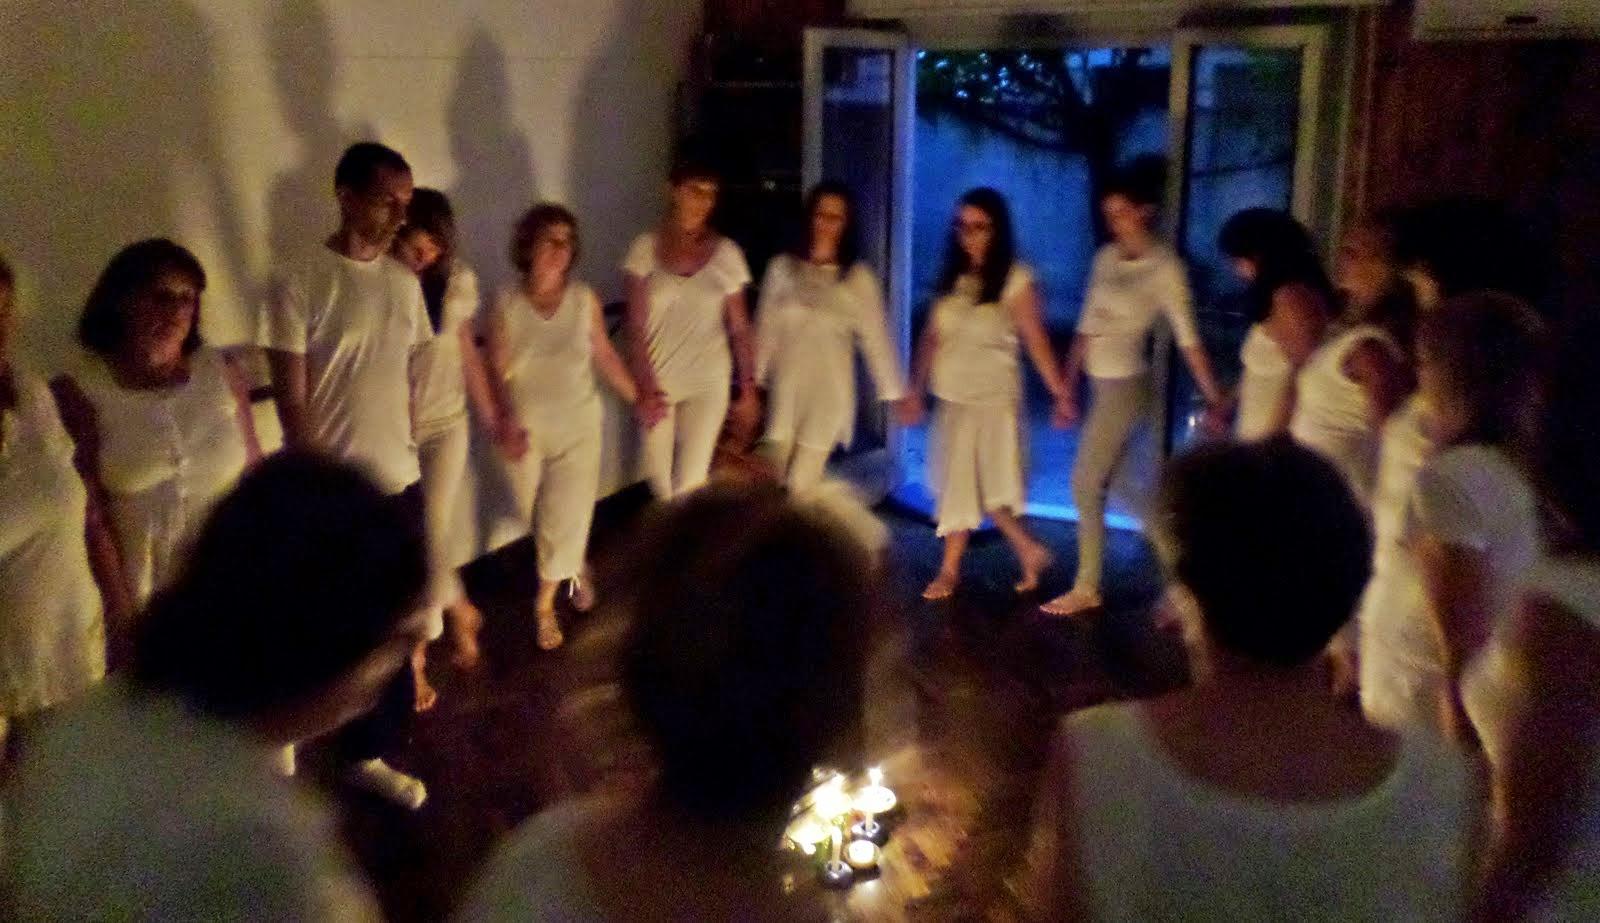 Noche Blanca en Cuerpomundo, dic. 2014